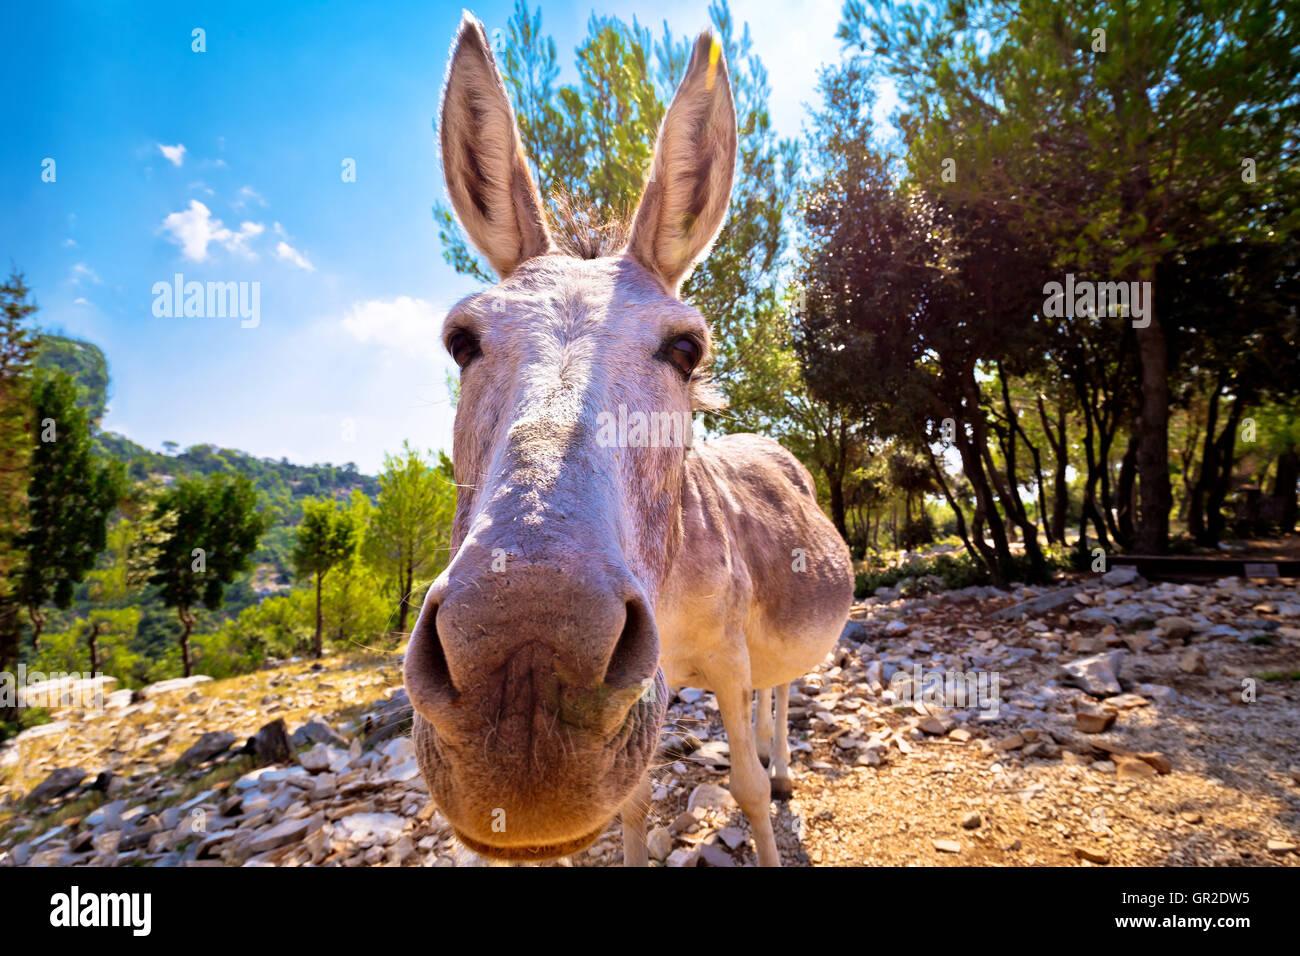 Isla dálmata burro en la naturaleza, en los animales salvajes, Croacia Imagen De Stock